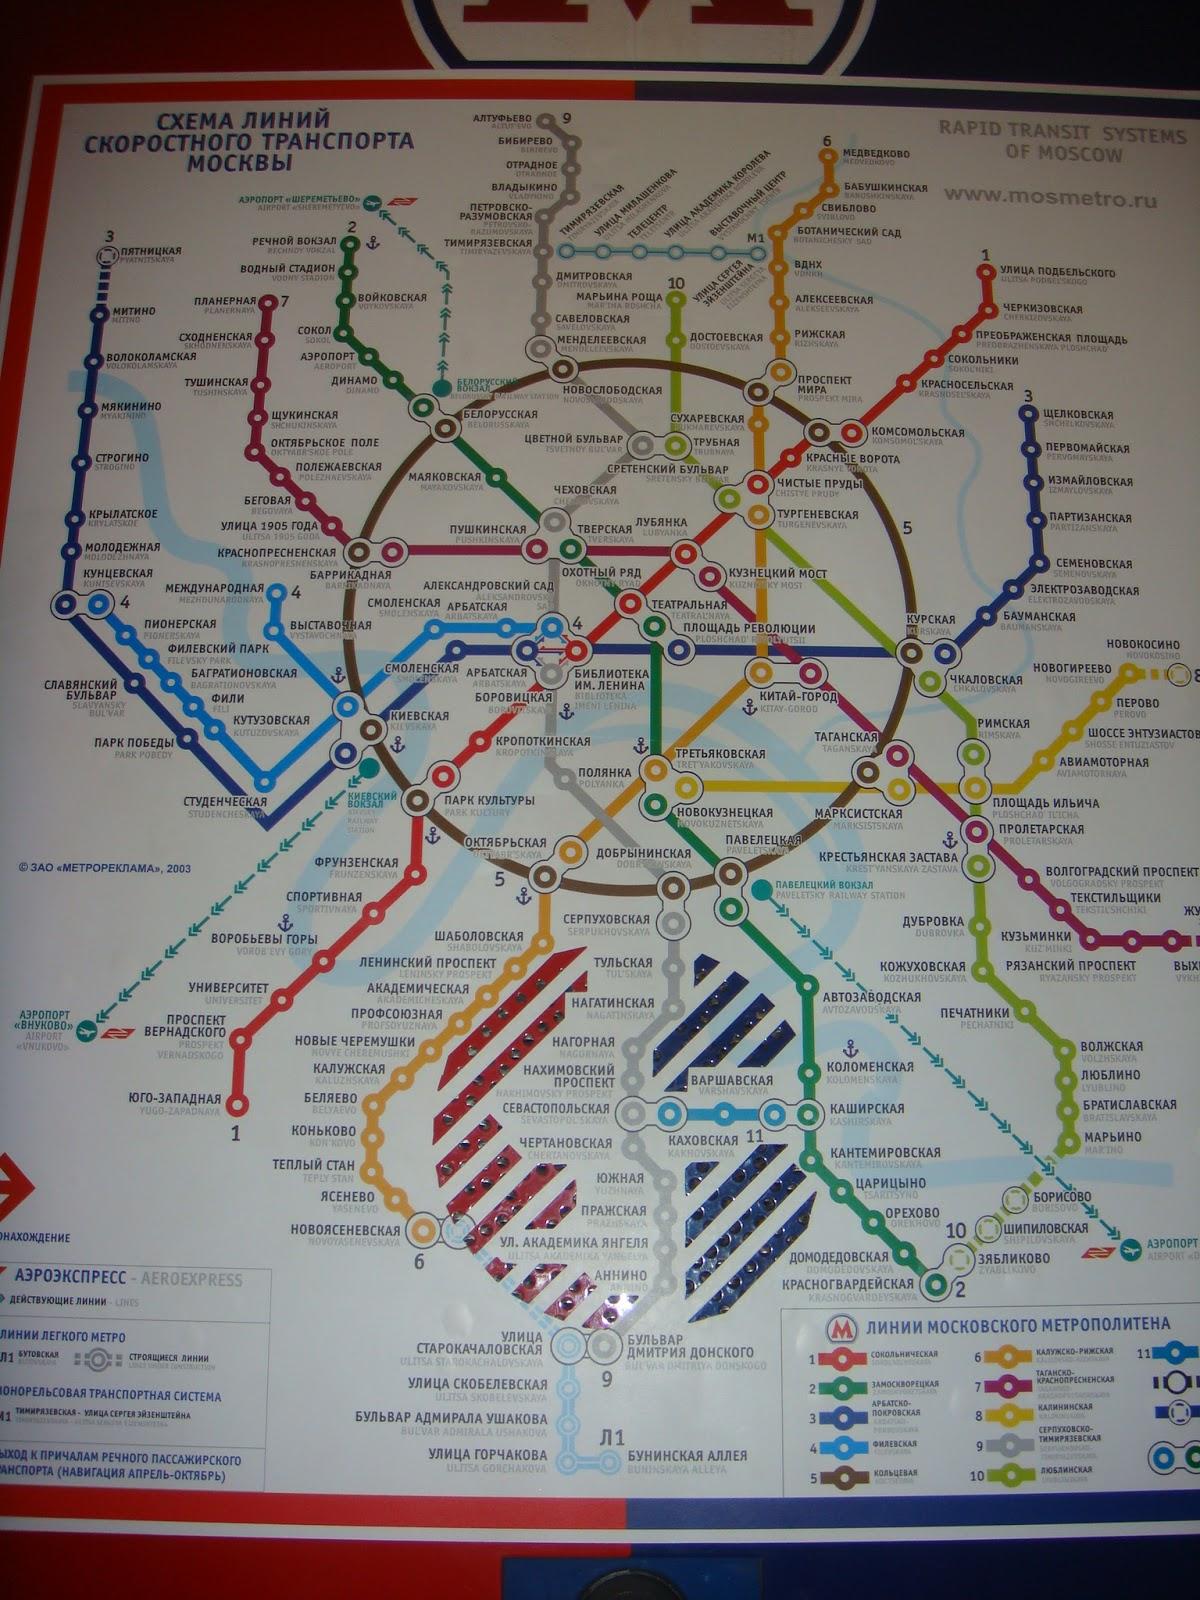 Станция метро марьина роща на схеме метро